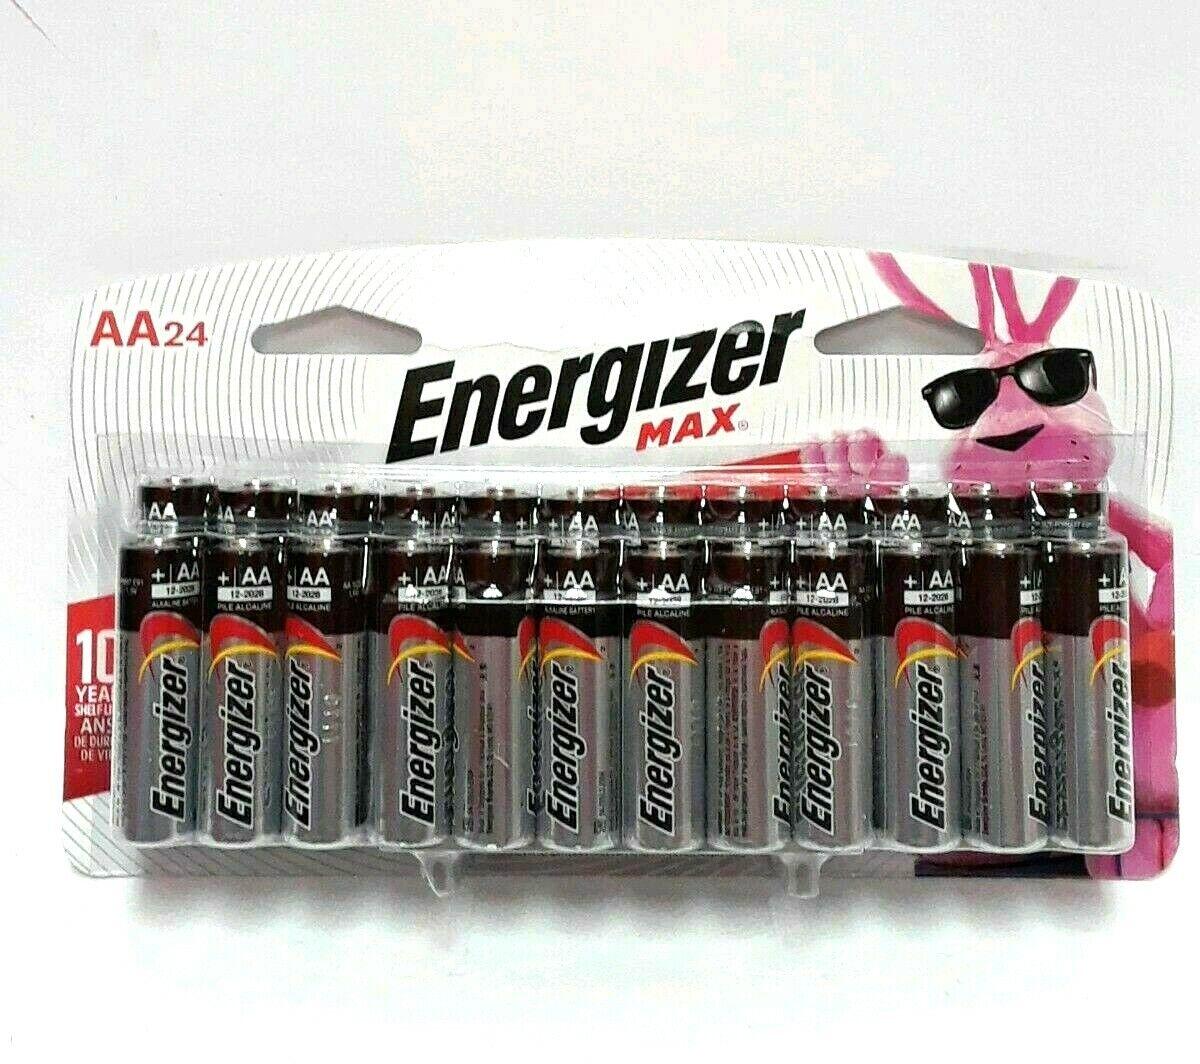 AA Batteries, 24 Count - Energizer MAX Premium Alkaline